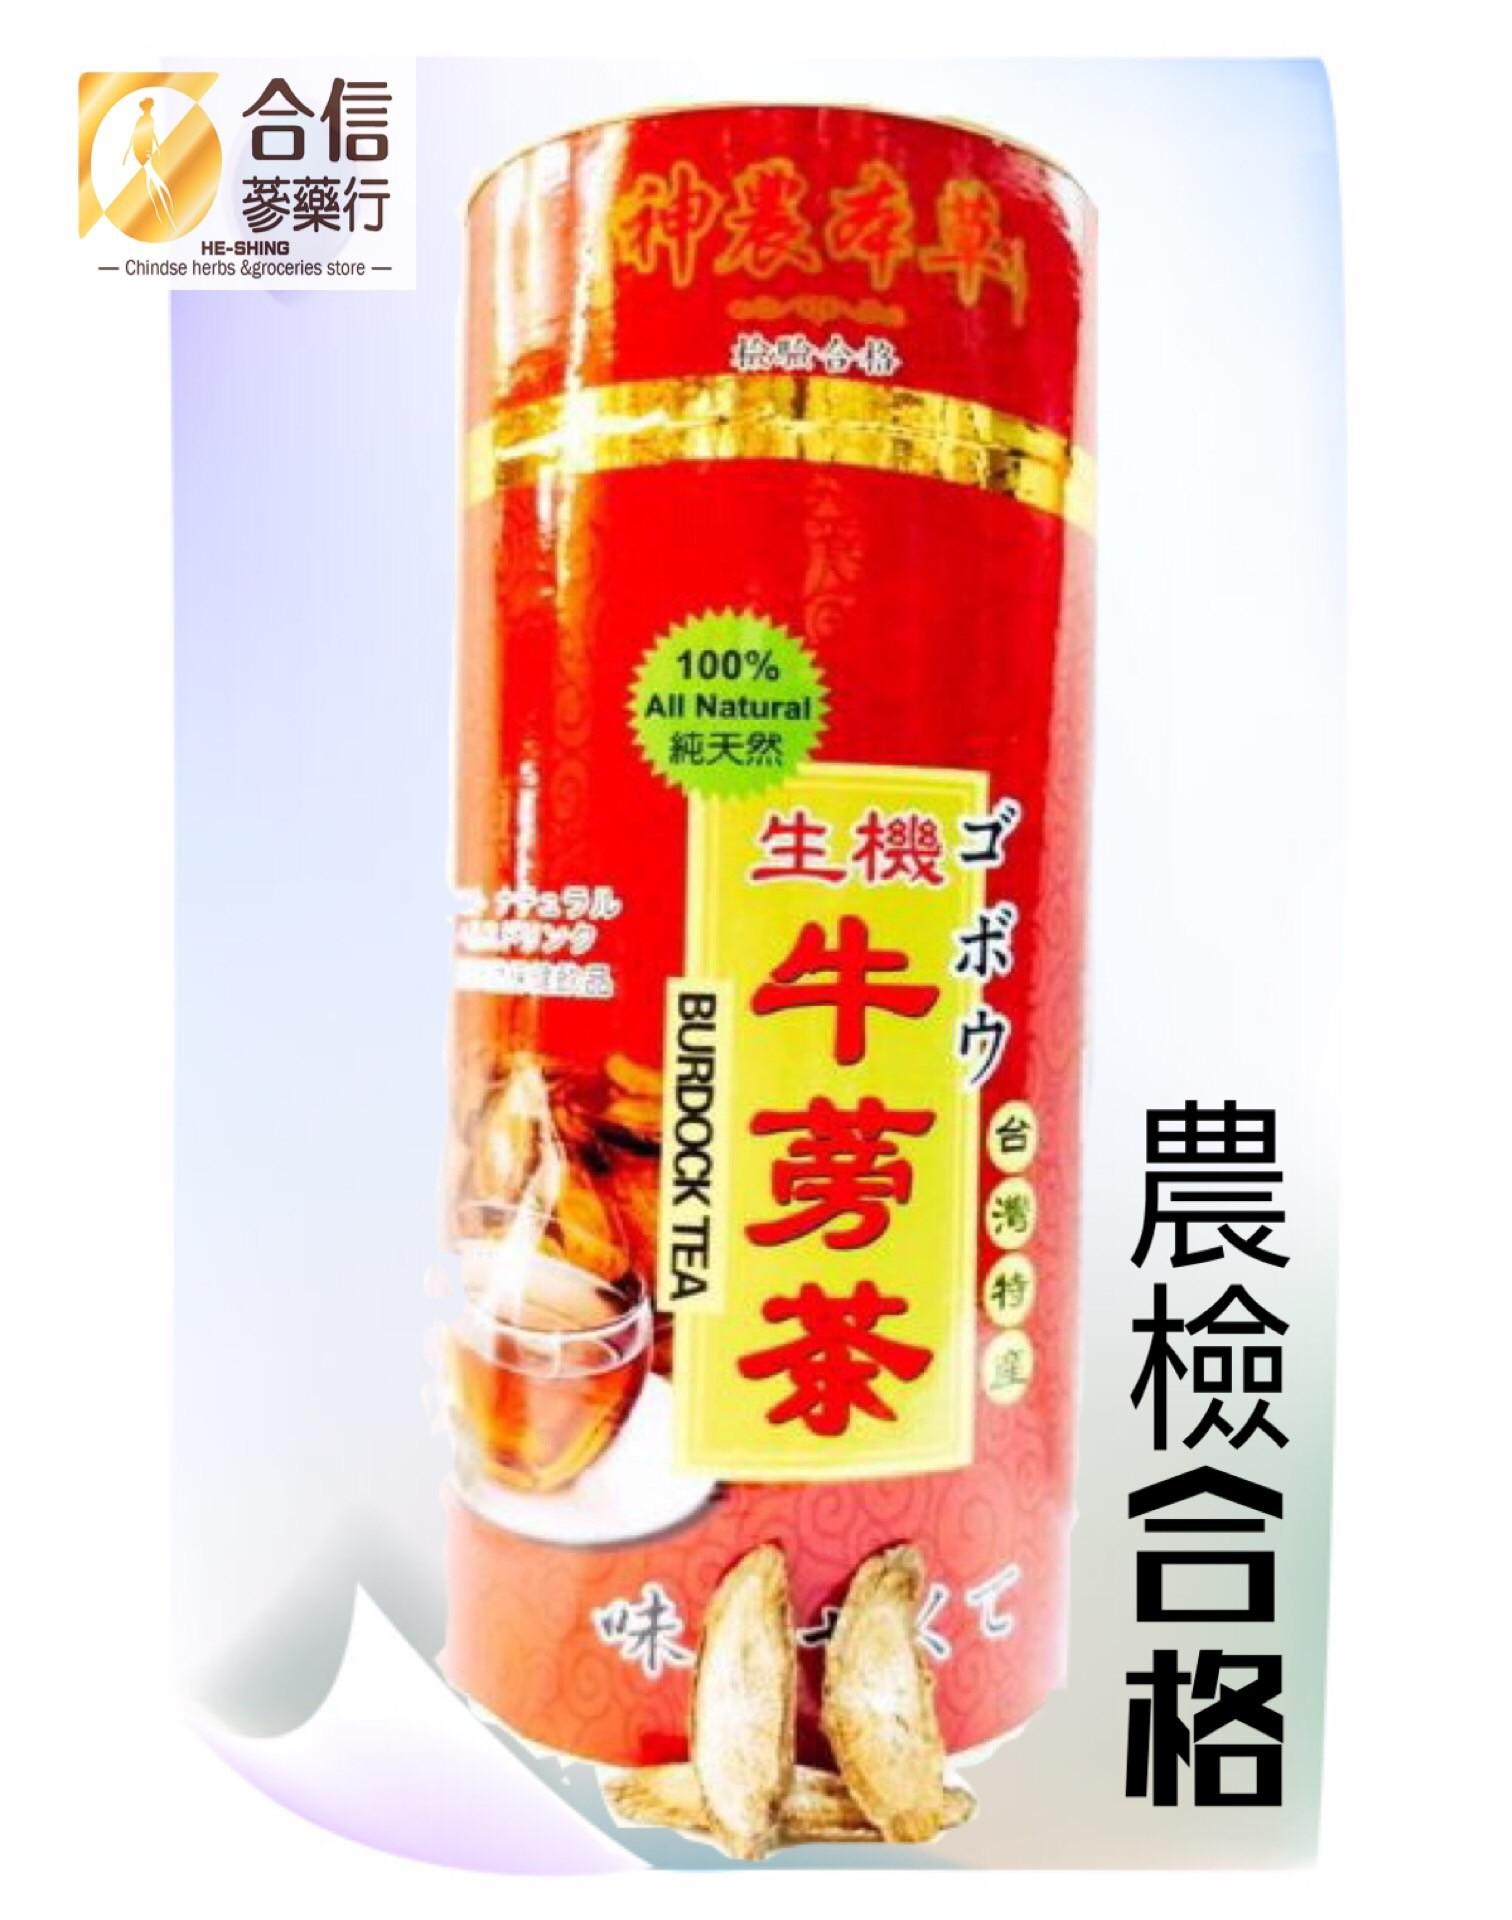 【台灣生機牛蒡茶】400克/缶/農藥檢驗合格/調整體質/增強體力